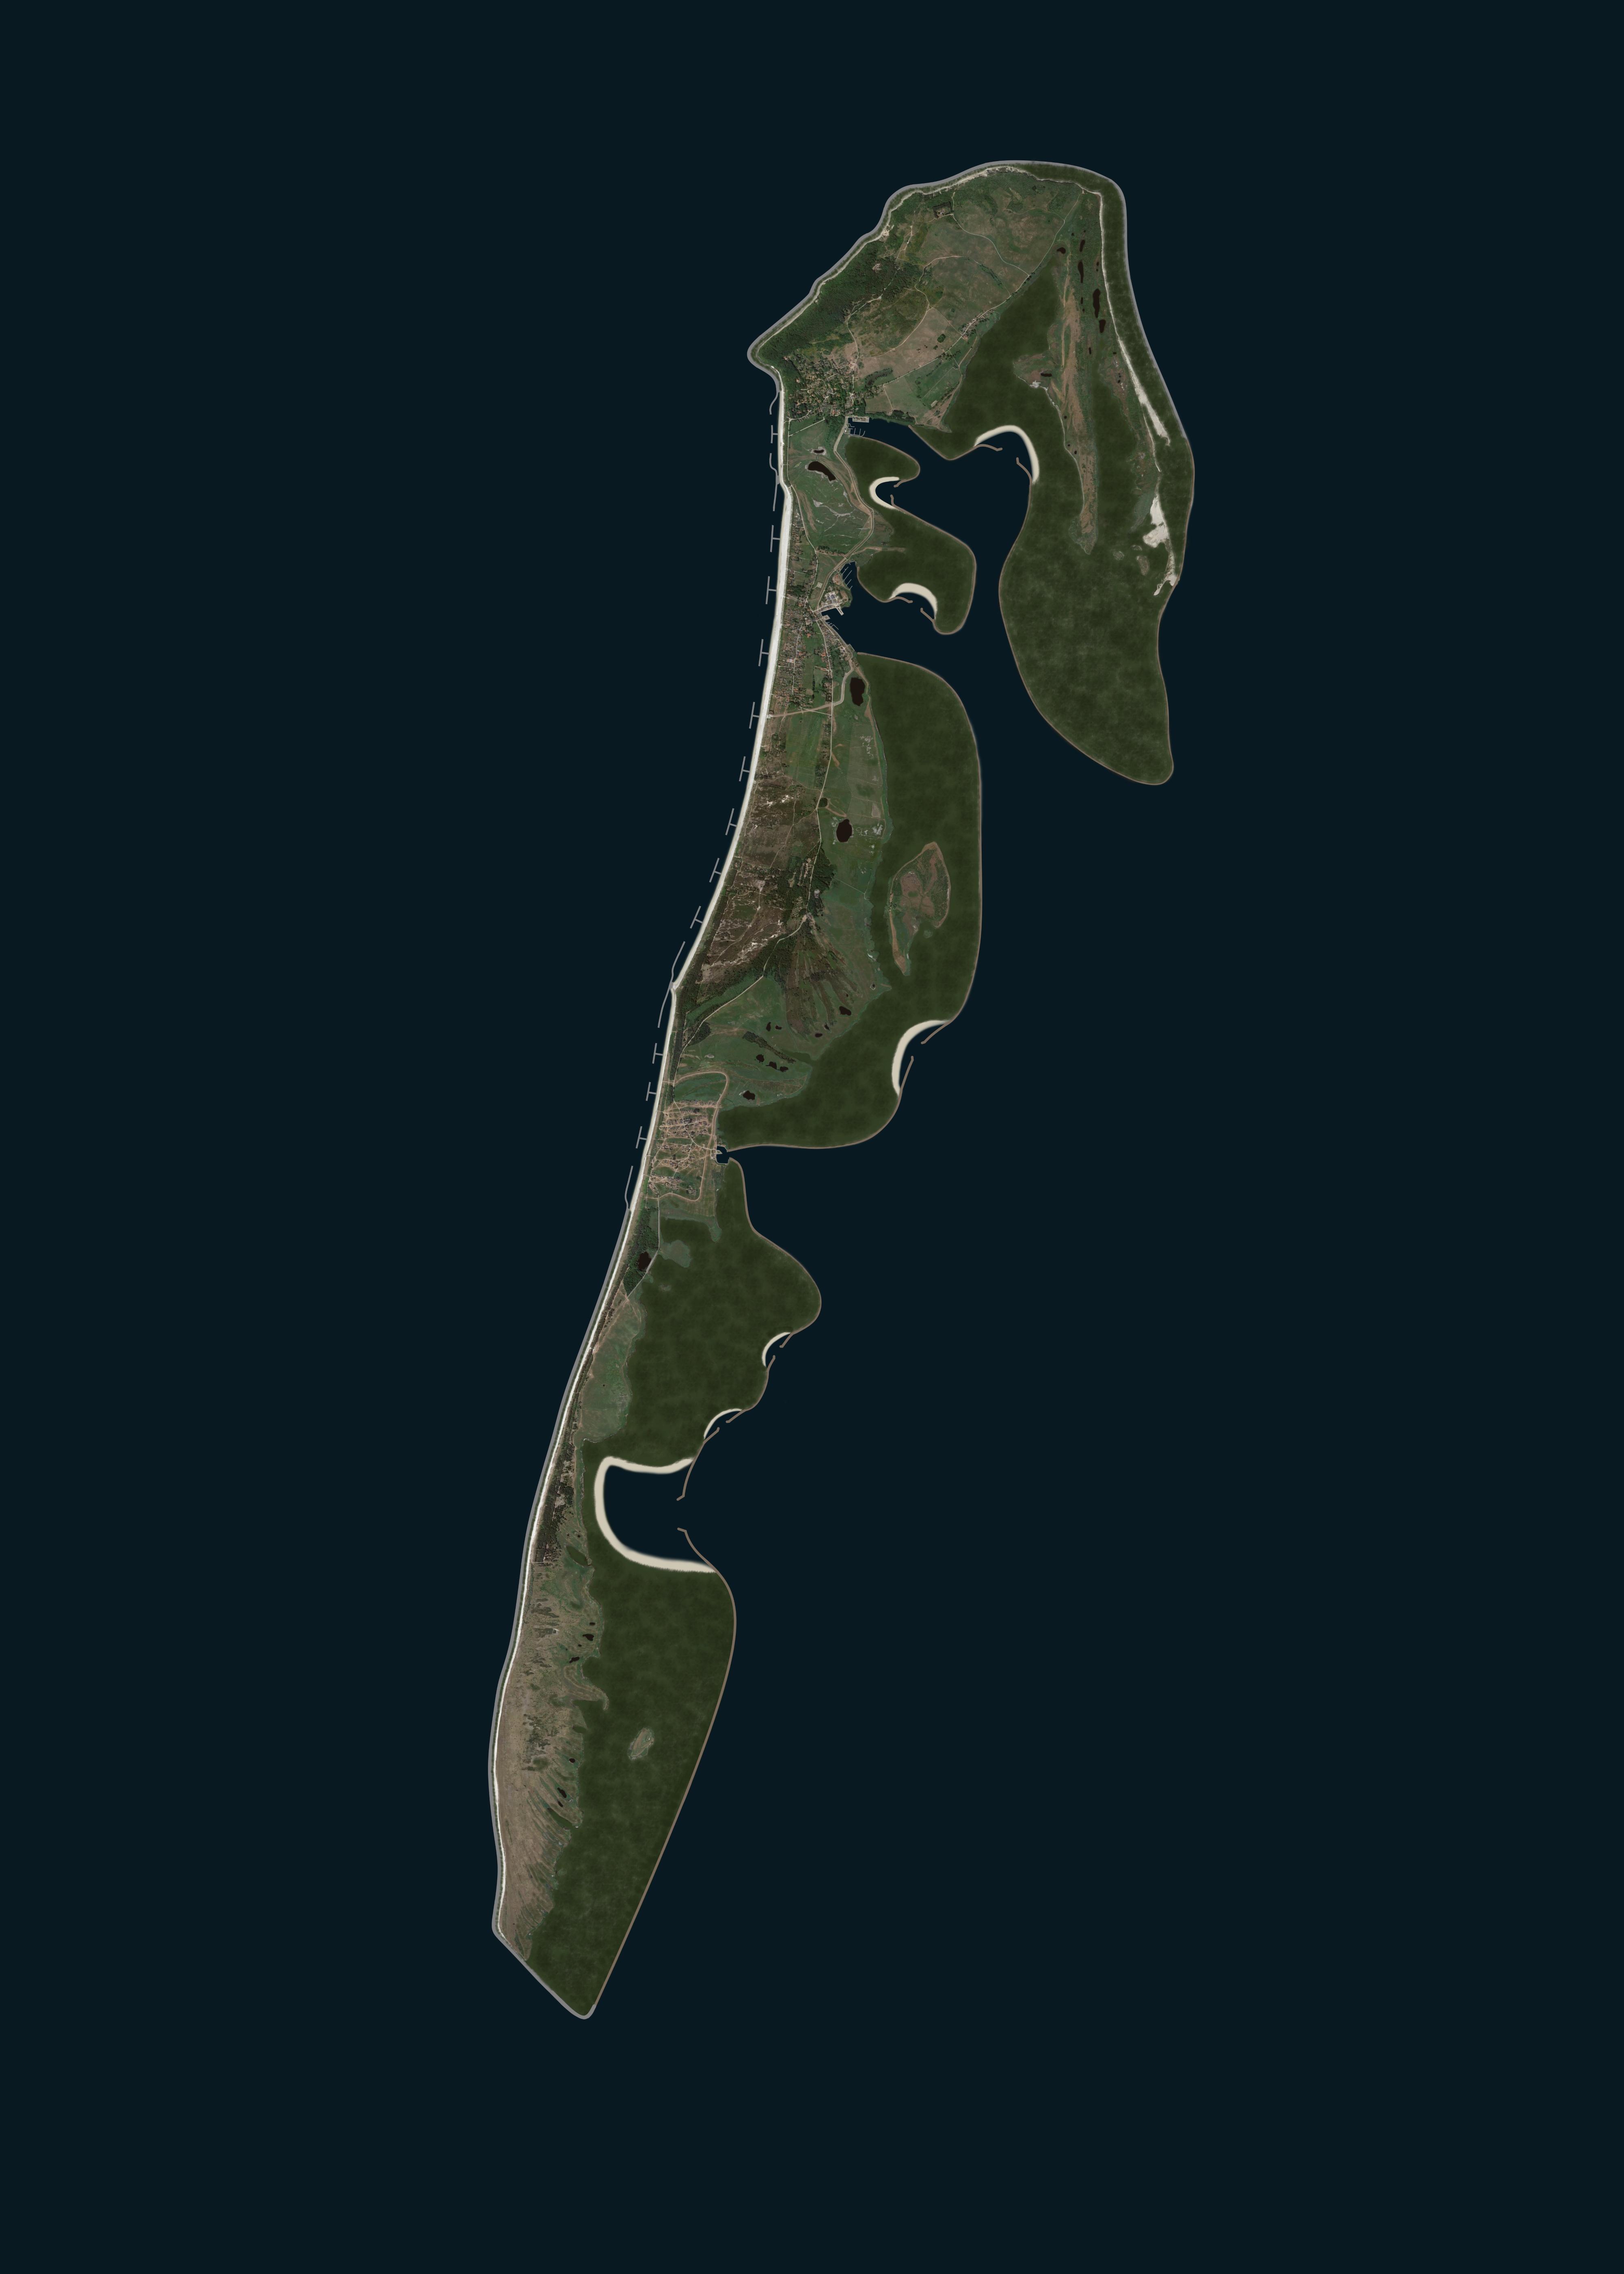 Hiddensee, landgewinnung, küstenschutz, insel, eindeichung, naturschutz, sturmflut, vergrößerung